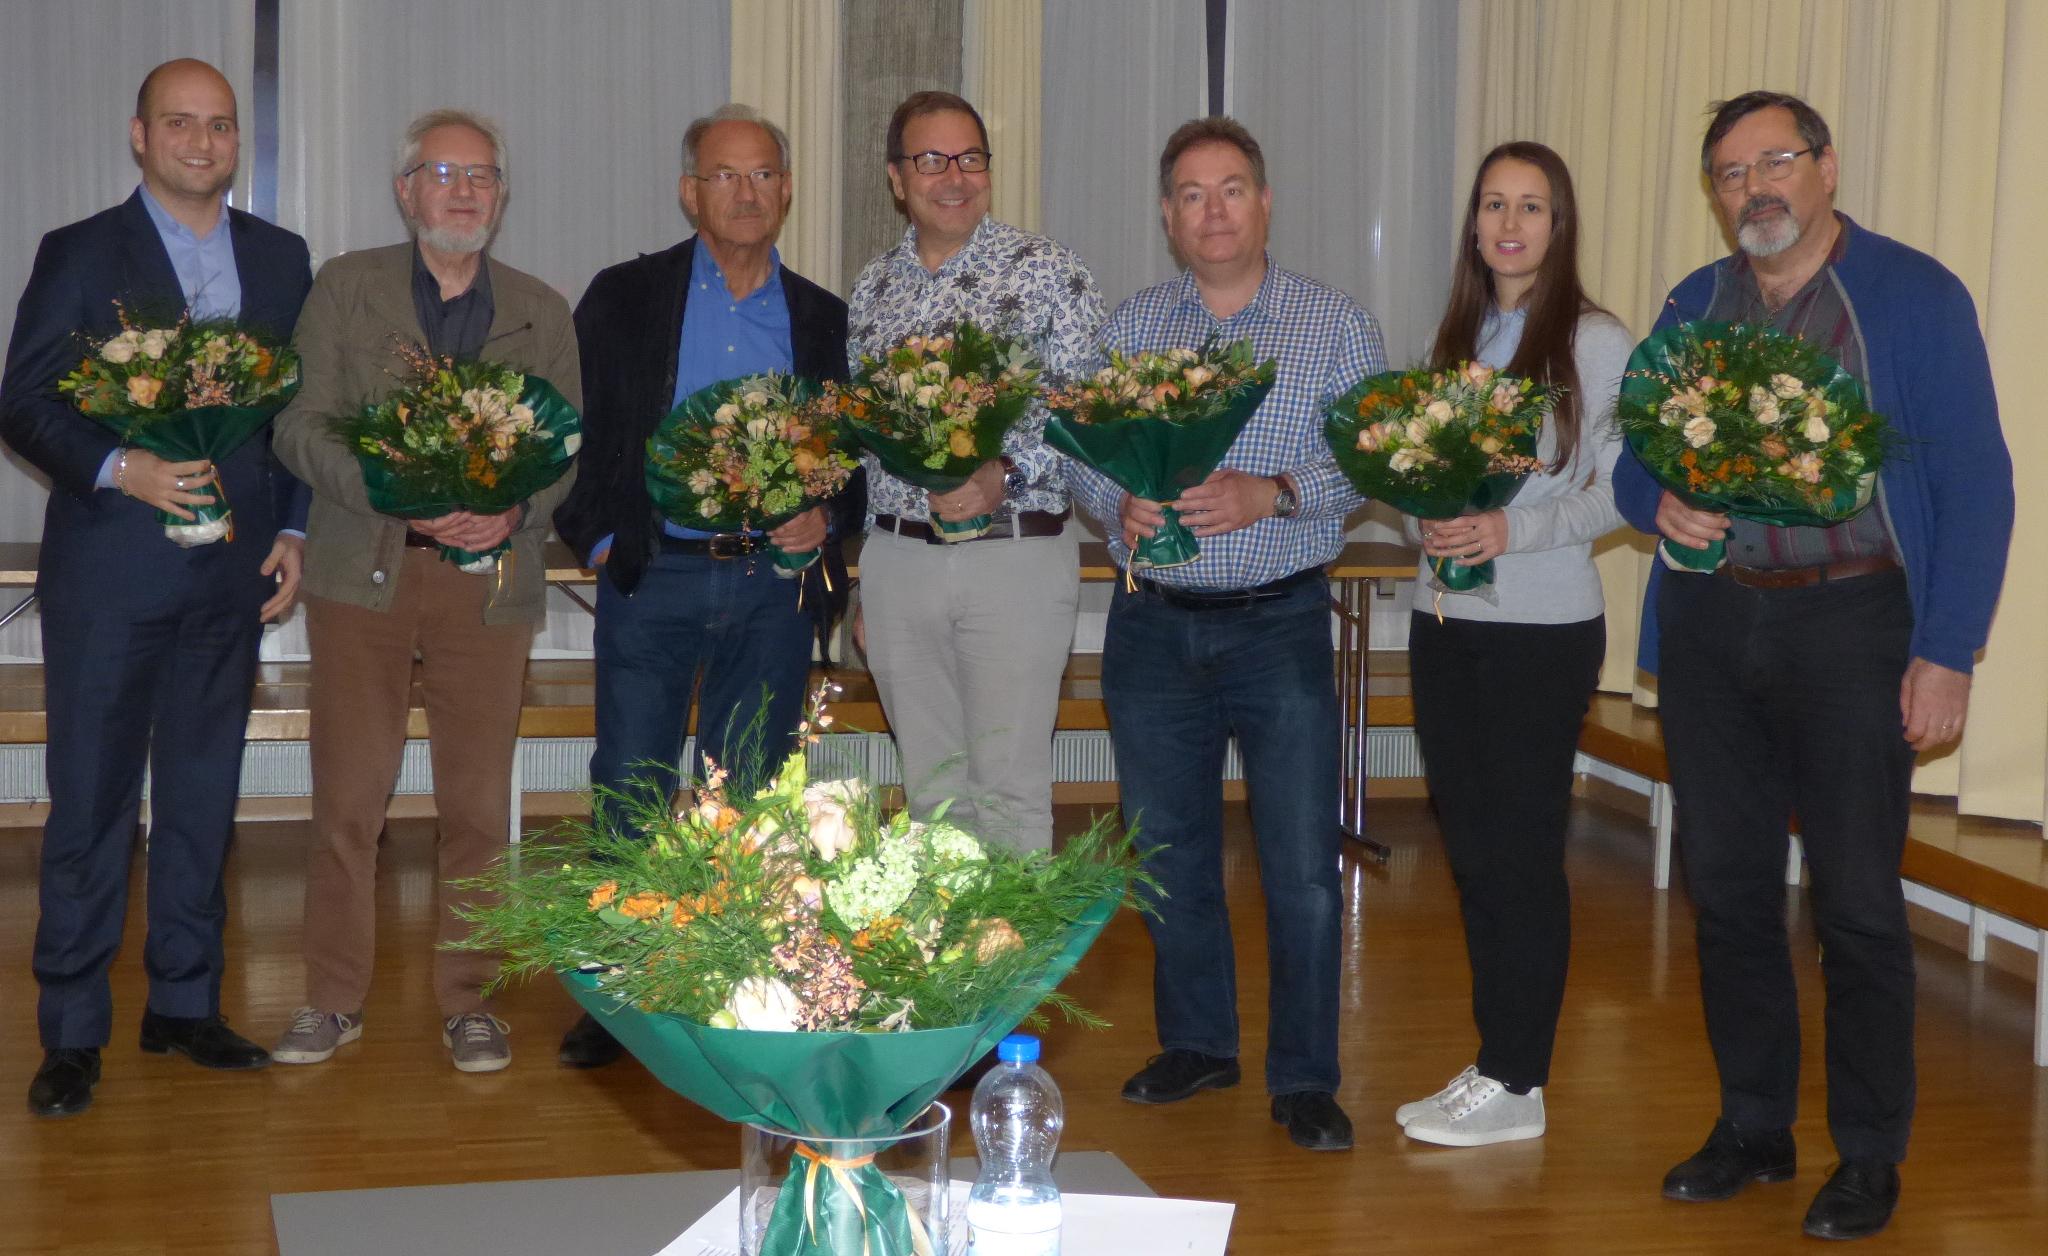 Präsidentenwechsel bei der CVP Winterthur